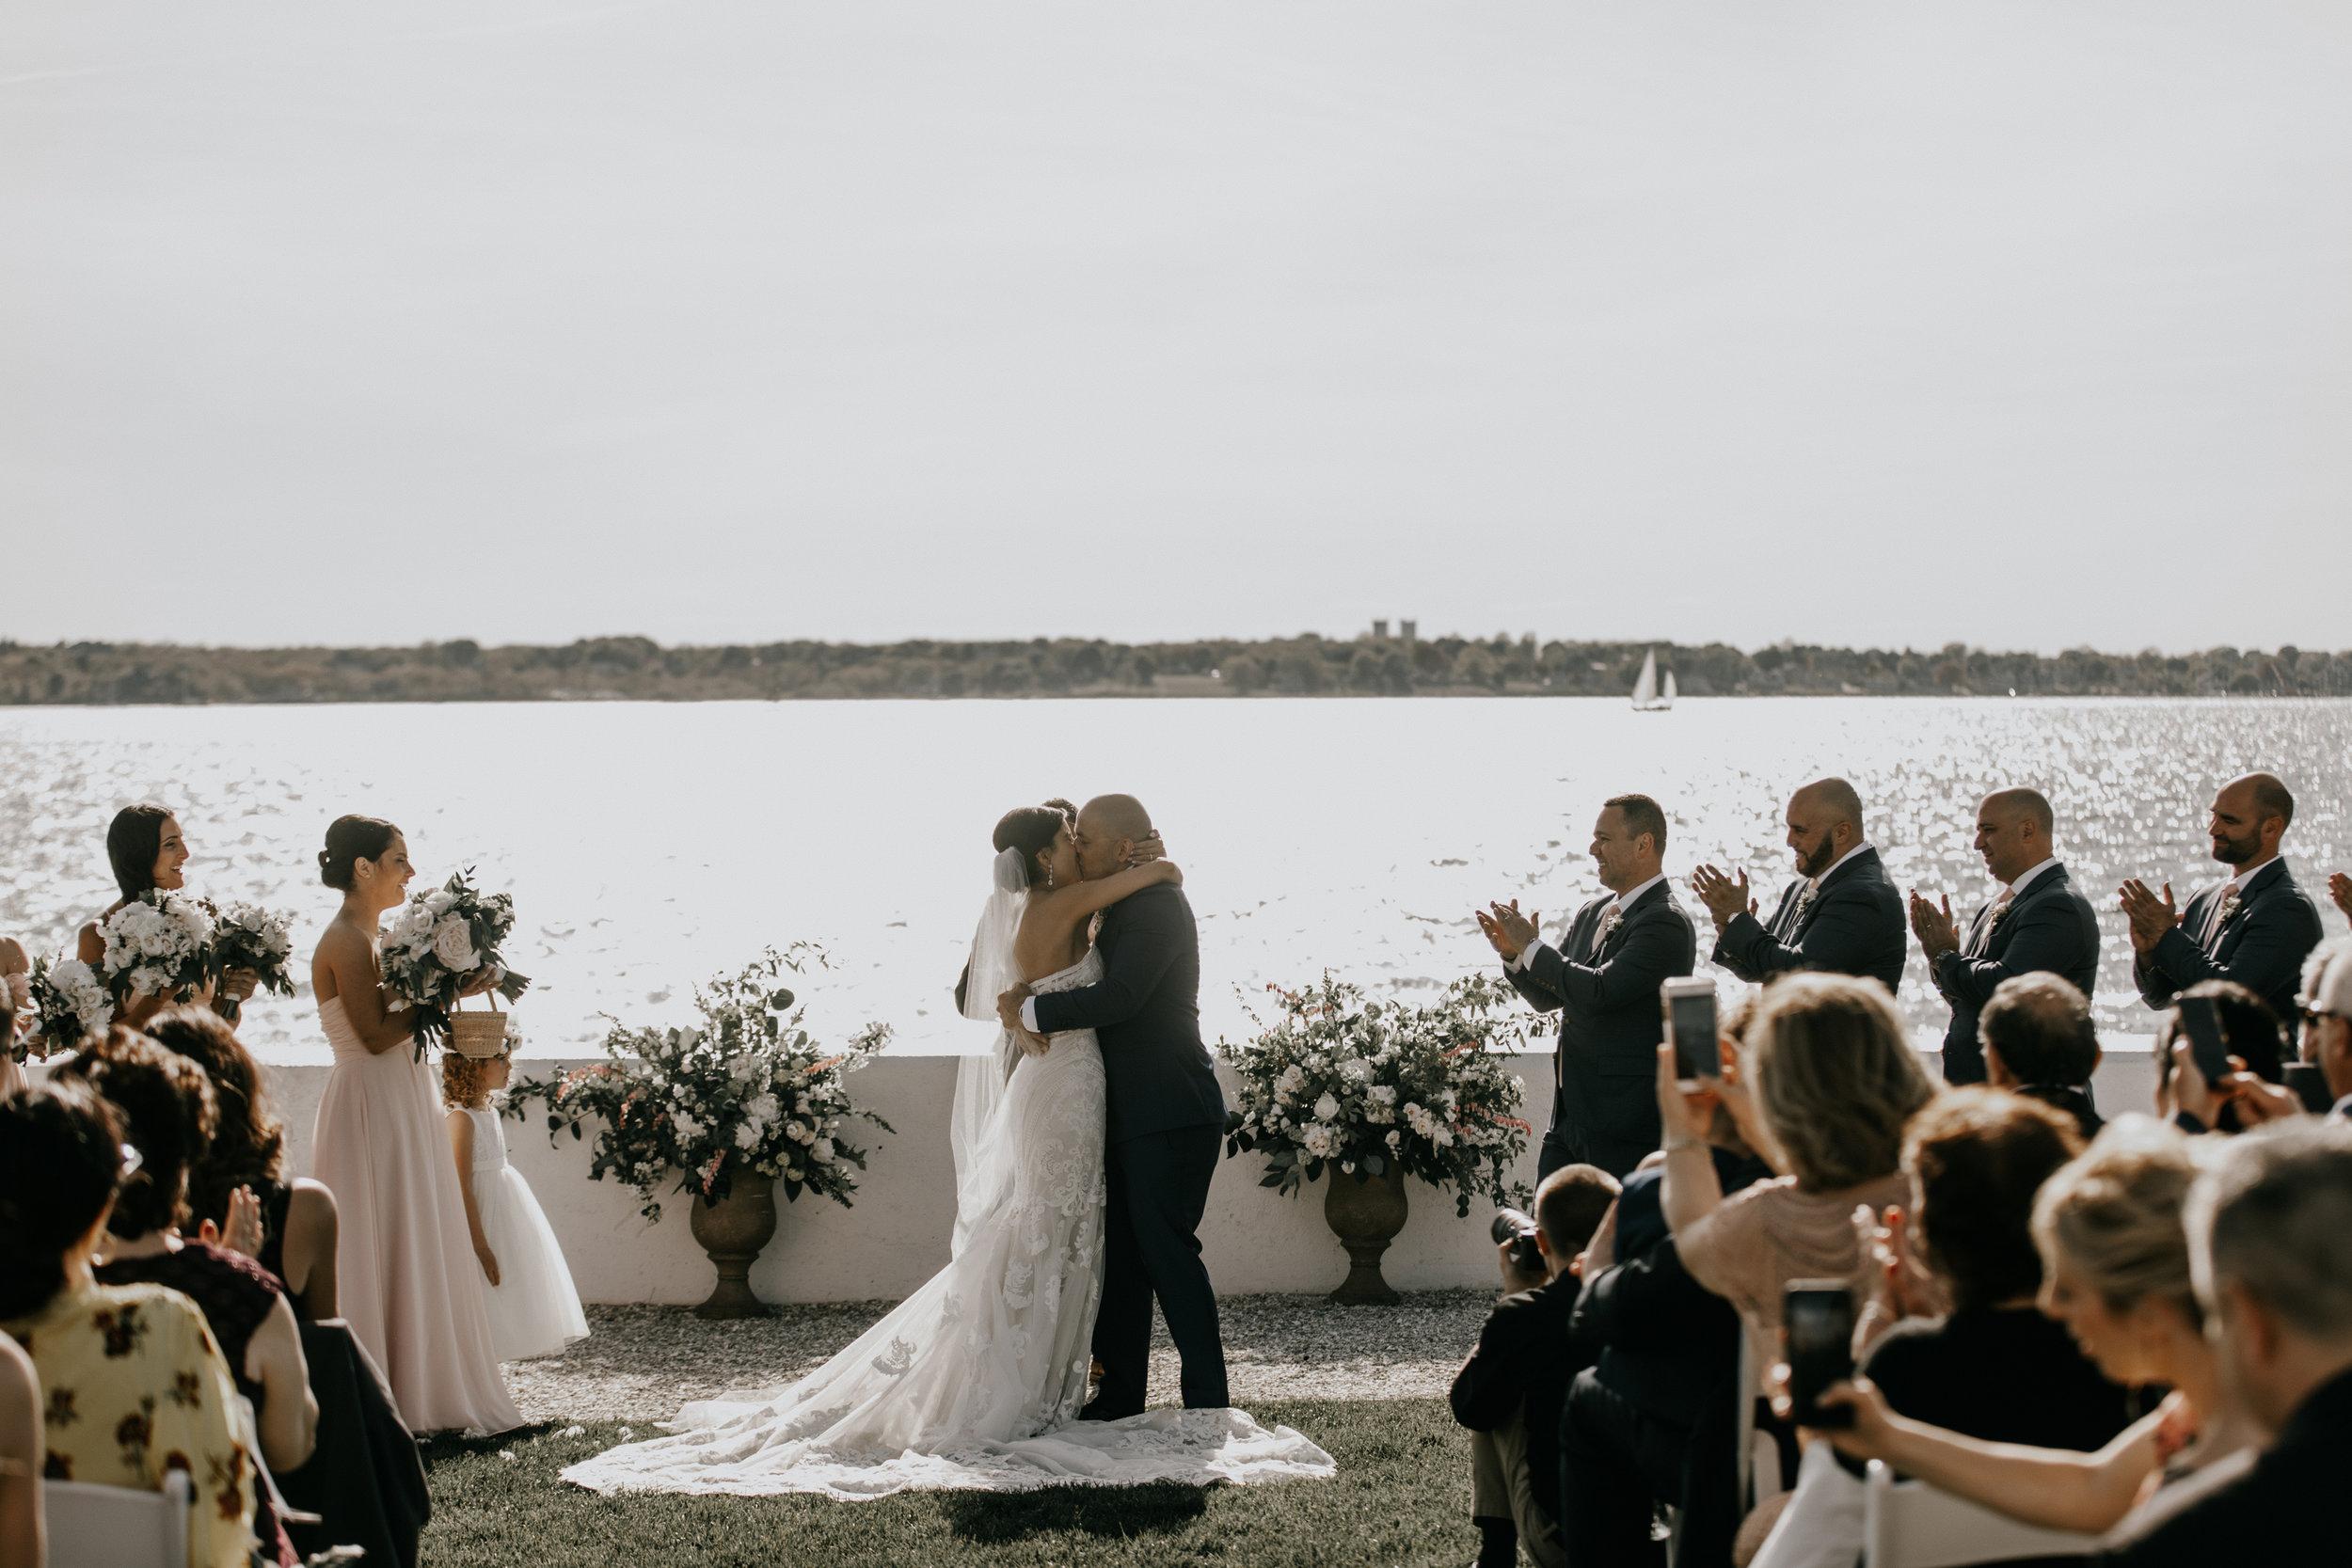 WeddingphotographerNewport.jpg